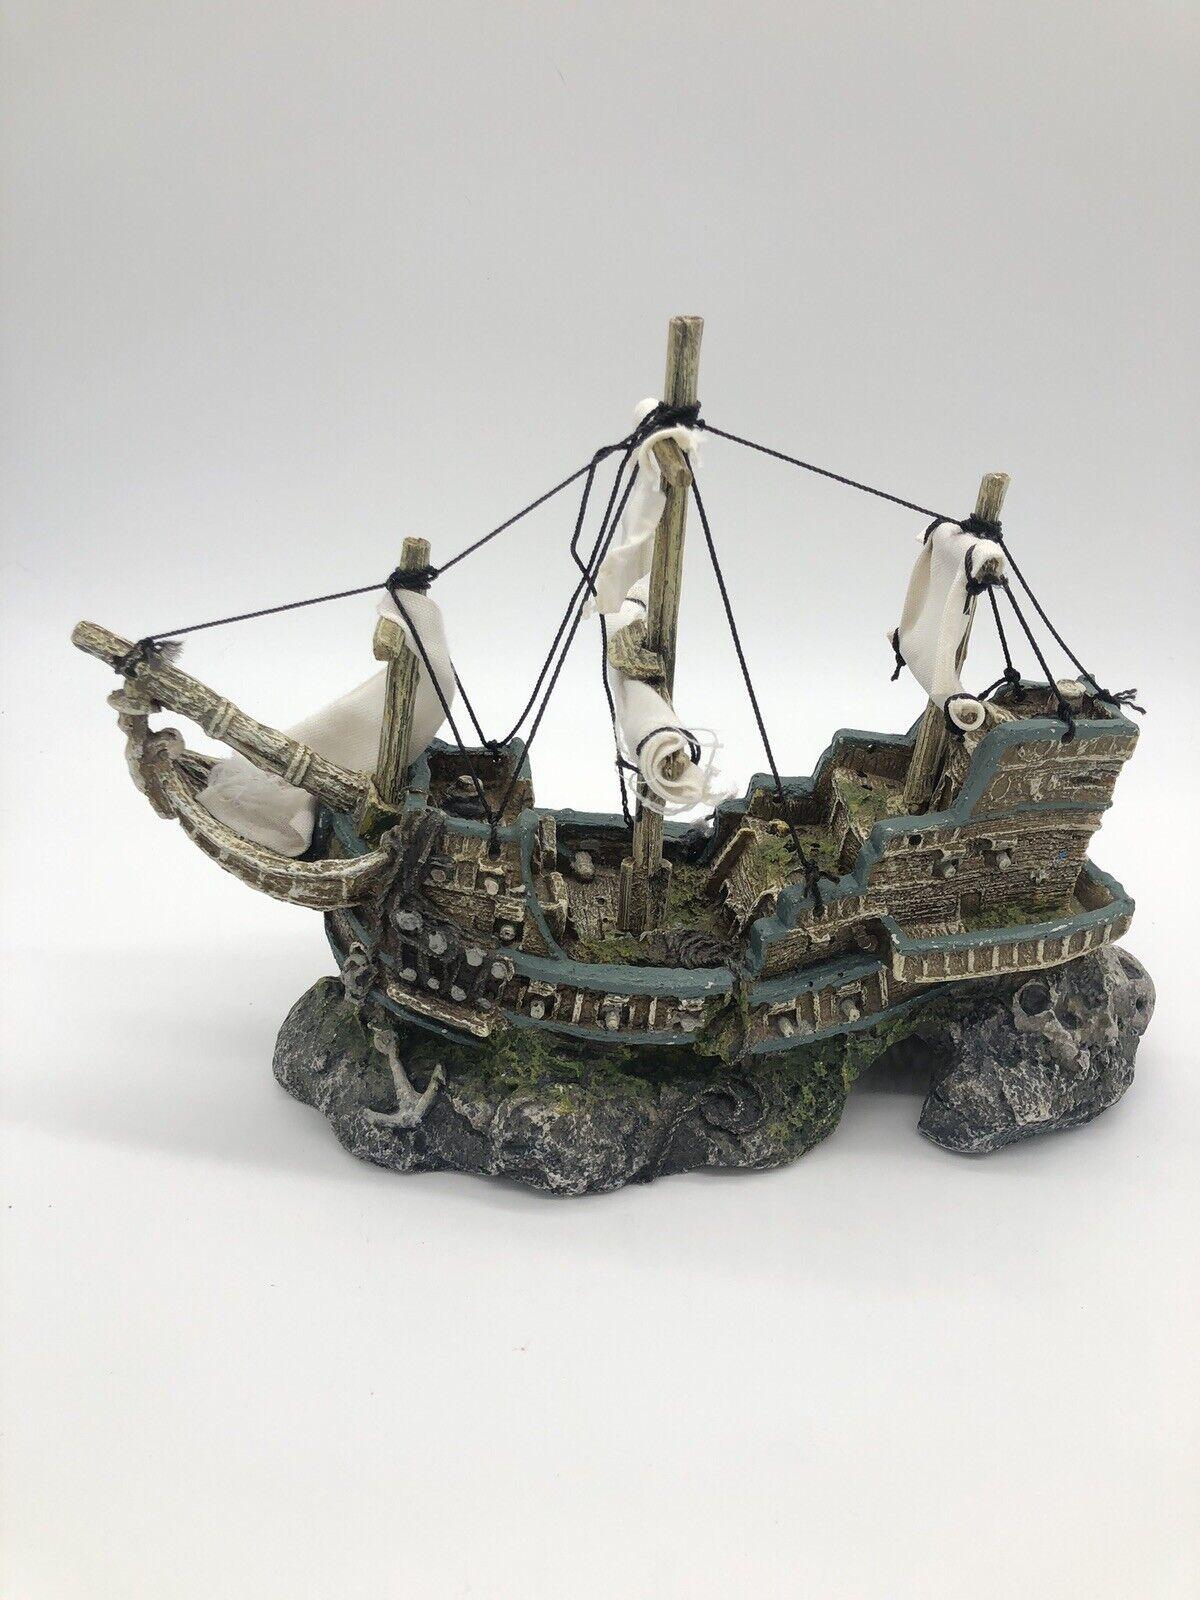 Aquarium Ornament Shipwreck, Fish Tank Cave Decor. Measurements In Description. - $16.99